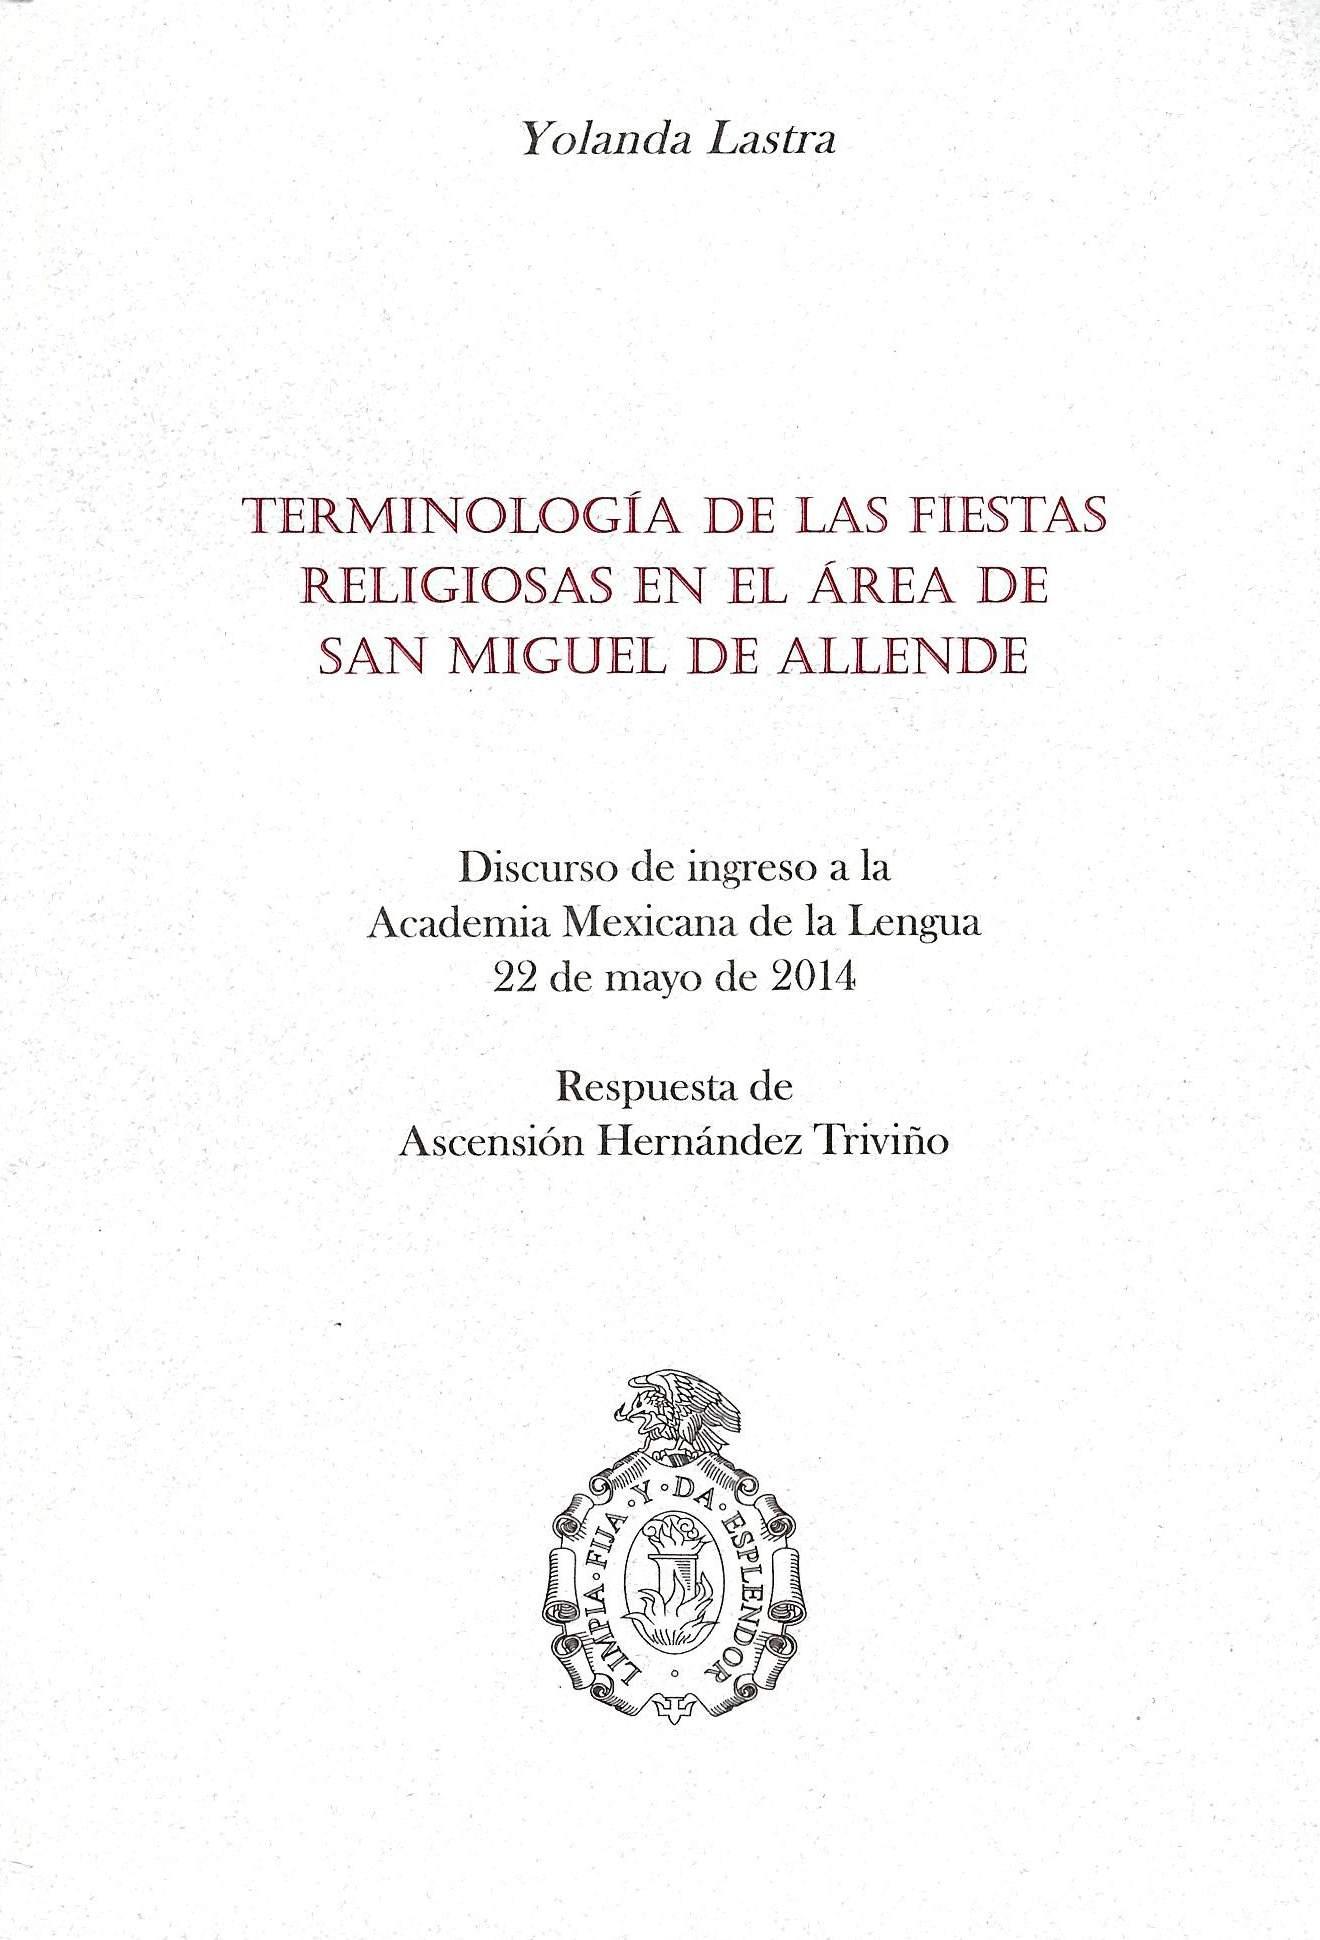 Terminología de las fiestas religiosas en el área de San Miguel de Allende